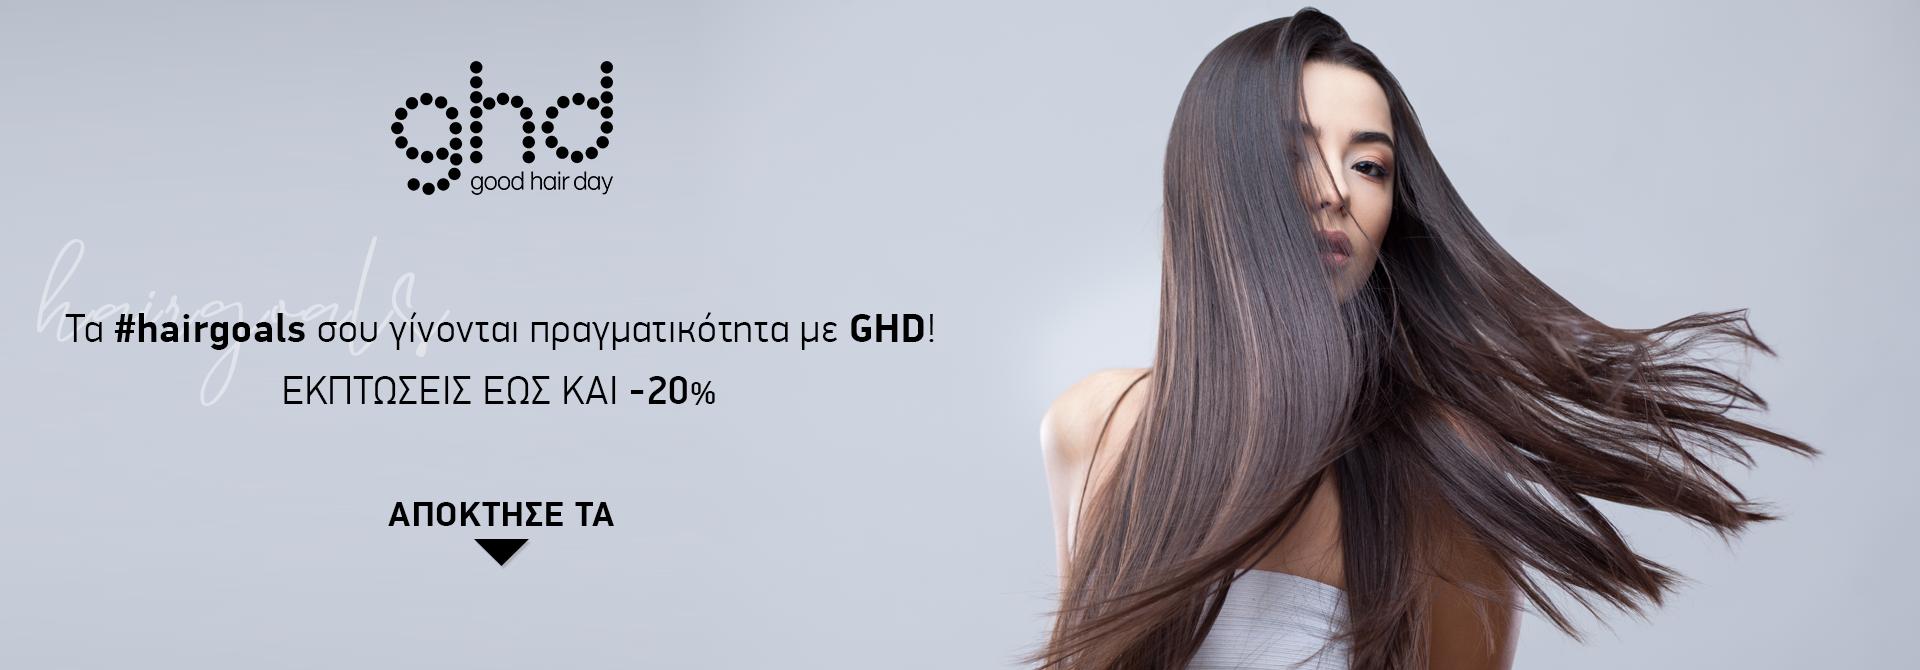 Μοναδικές προσφορές (offers) στην σειρά περιποίησης μαλλιών Ghd. Μόνο στο Le Tif Beauty Shop.